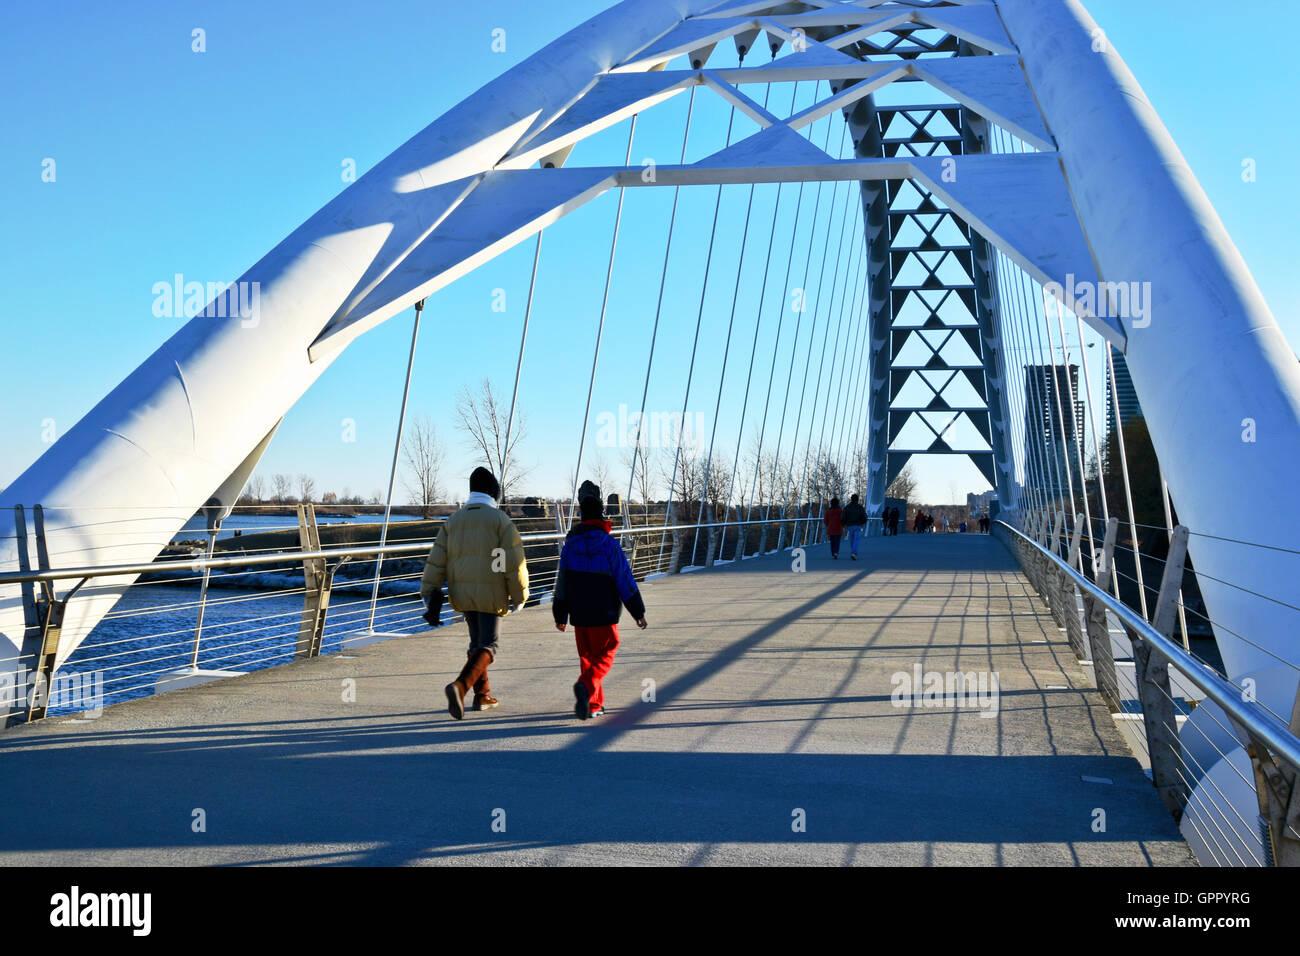 Puente peatonal. Imagen De Stock